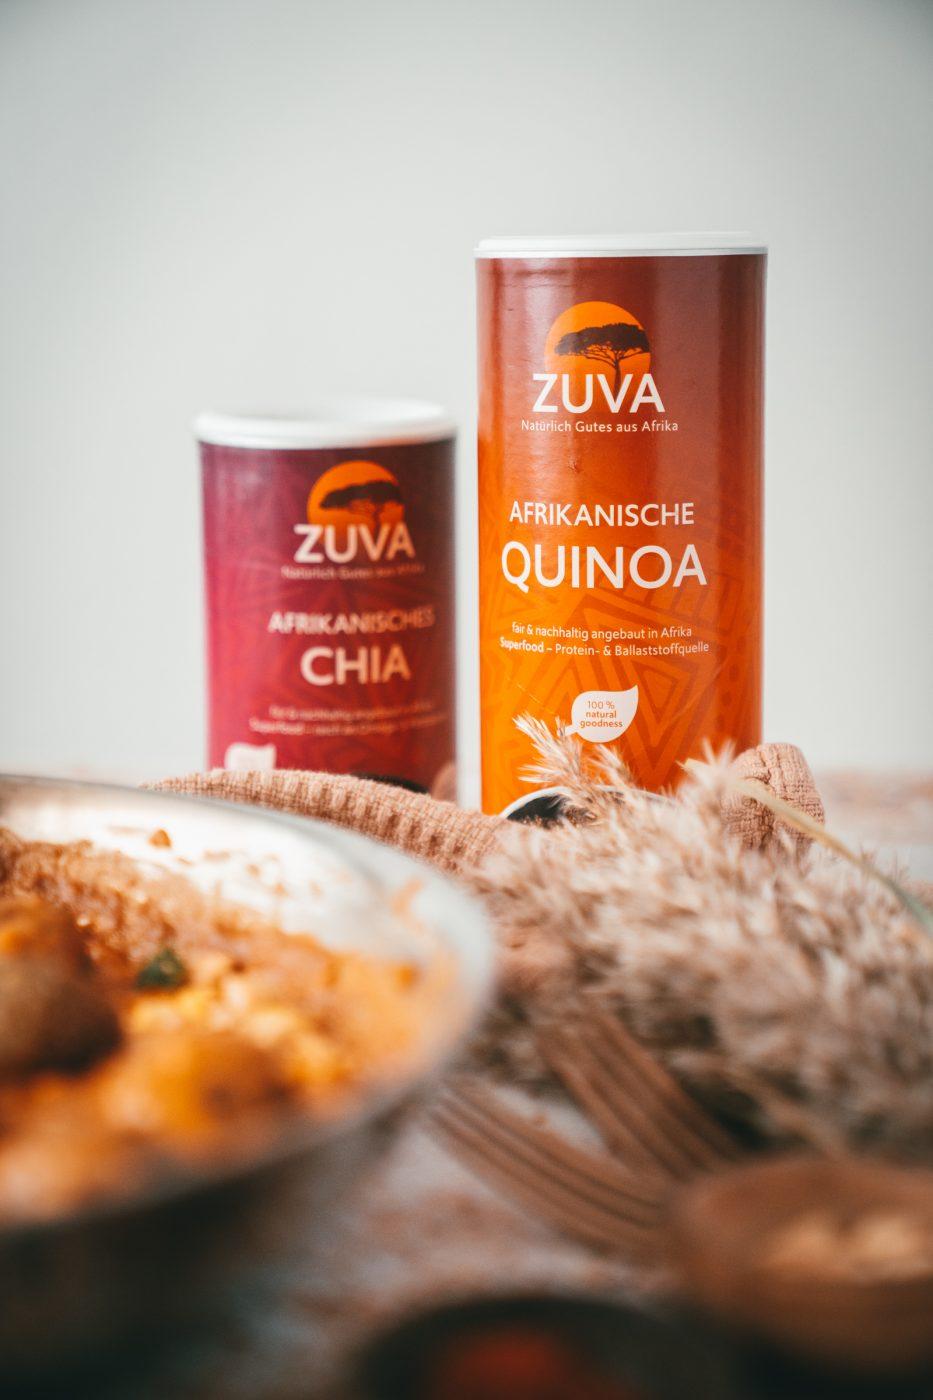 ZUVA Quinoa Baellchen 17 | Wir finden es wichtig, auch immer einen Blick über den Tellerrand zu wagen. Dazu gehört für uns auch schon recht lange, uns immer mal wieder an veganer Küche zu probieren. Wir sind mit Sicherheit keine Profis auf dem Feld, aber auch wir möchten mit Bedacht Fleisch konsumieren und dazu gehört eben dann auch mehr und mehr vegetarische Gerichte auf den Tisch zu bringen. Also haben wir aus Quinoa richtig geniale Quinoa-Bällchen geformt und mit einer unfassbar guten afrikanischen Erdnusssauce angerichtet!